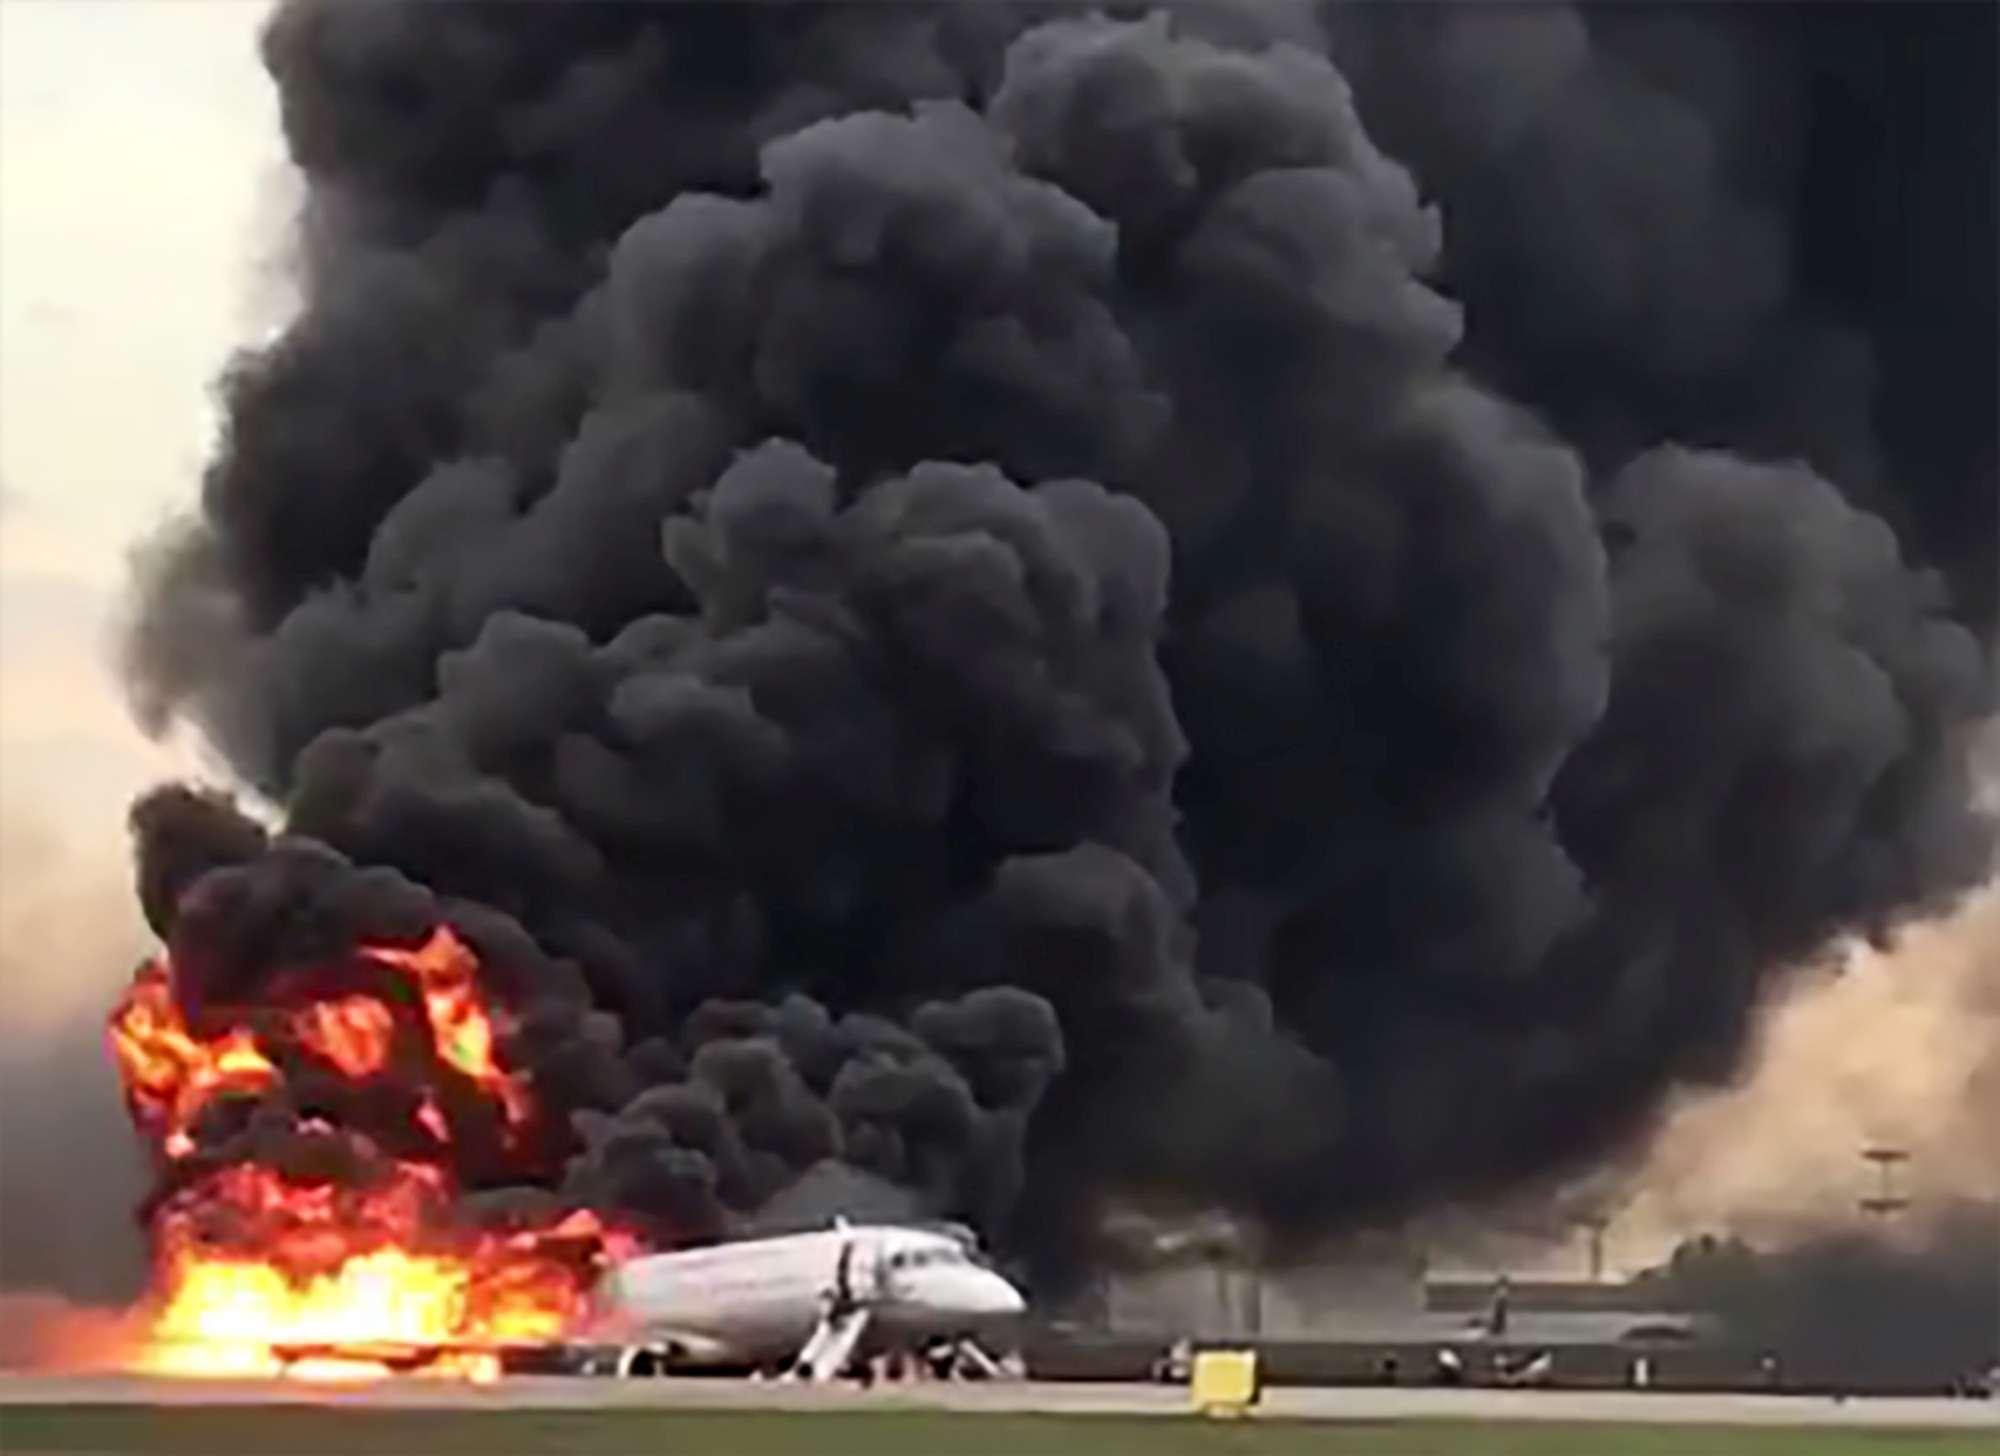 Mosca, le immagini dell incidente aereo